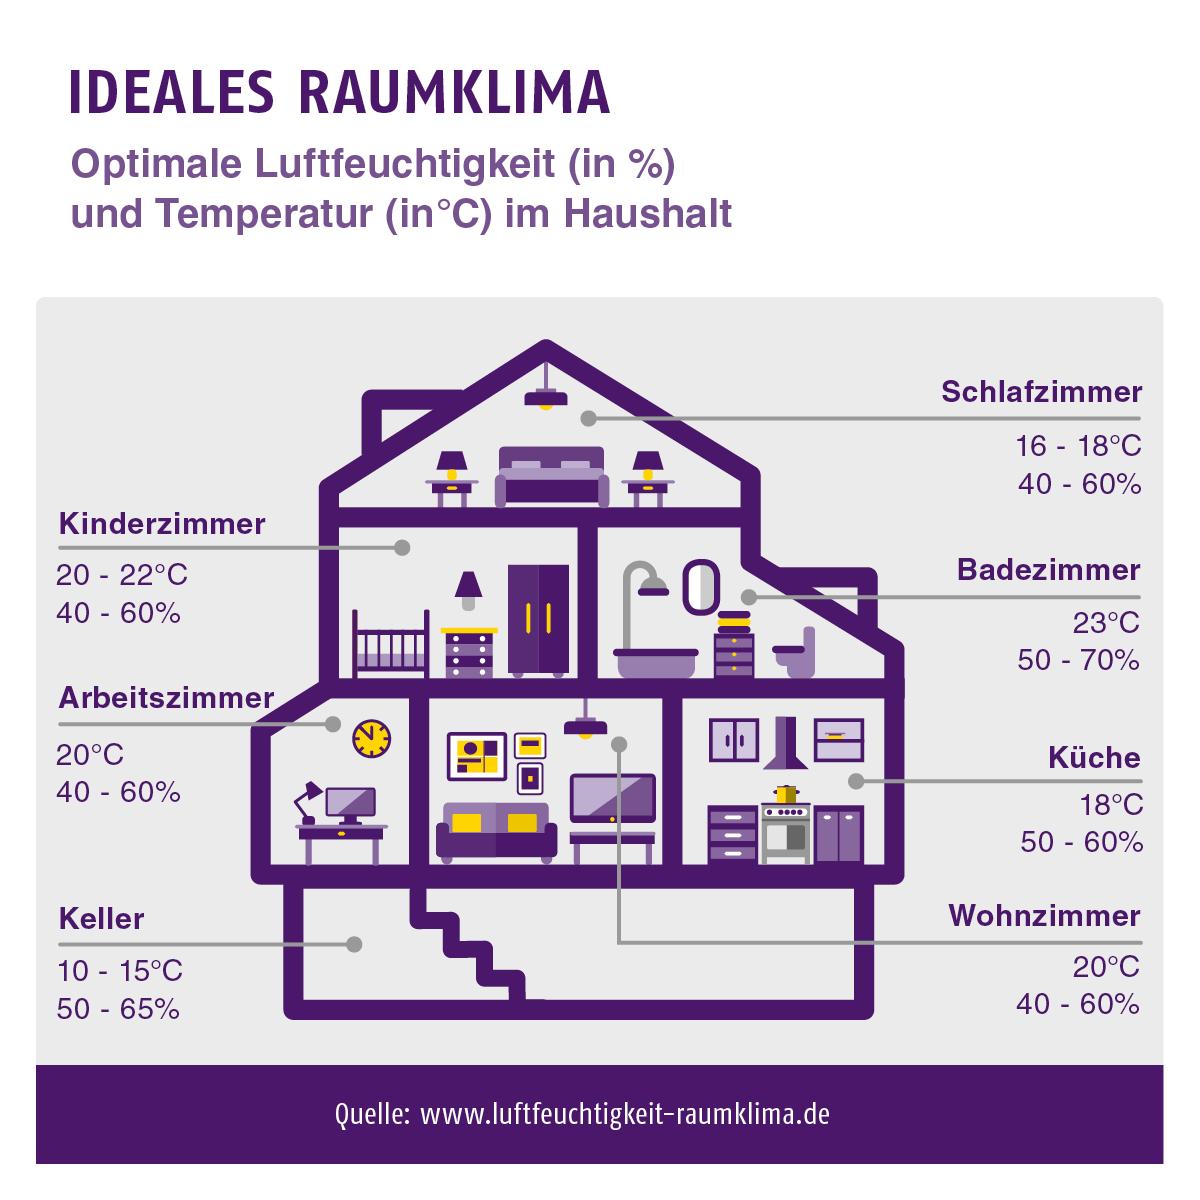 Energiesparen: Ideales Raumklima im Haushalt - © luftfeuchtigkeit-raumklima.de